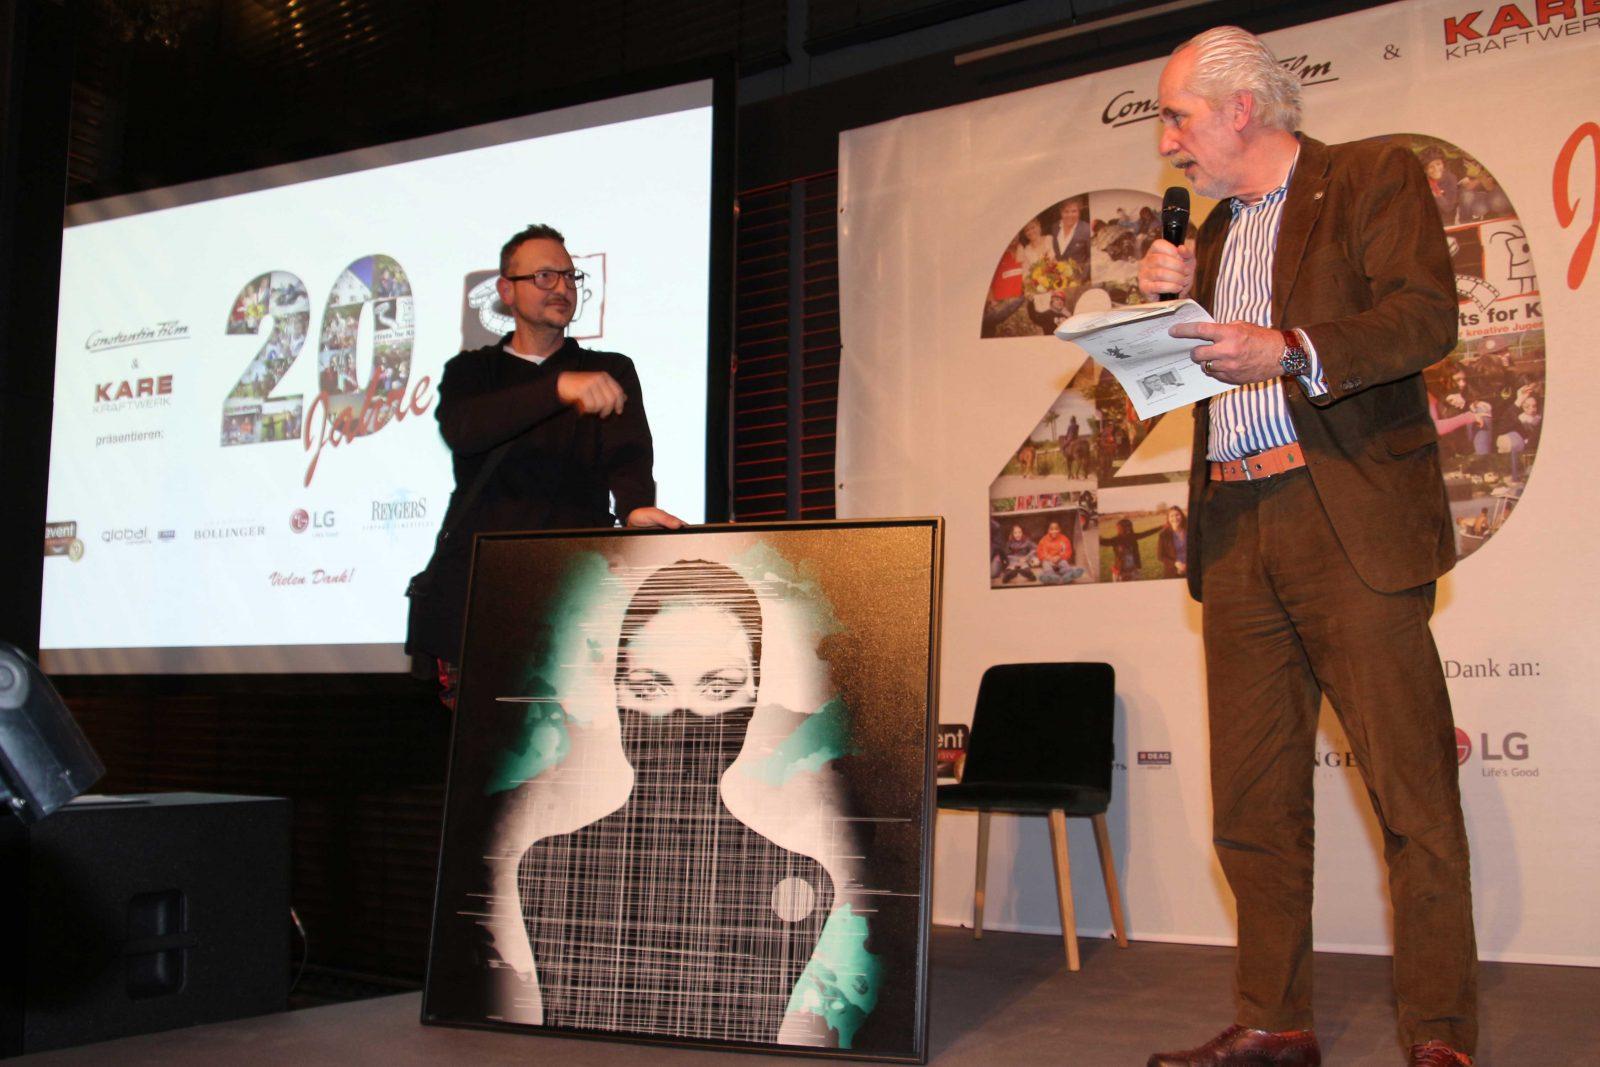 20 Jahre Artists for Kids Jürgen Fux und Hubertus Reygers